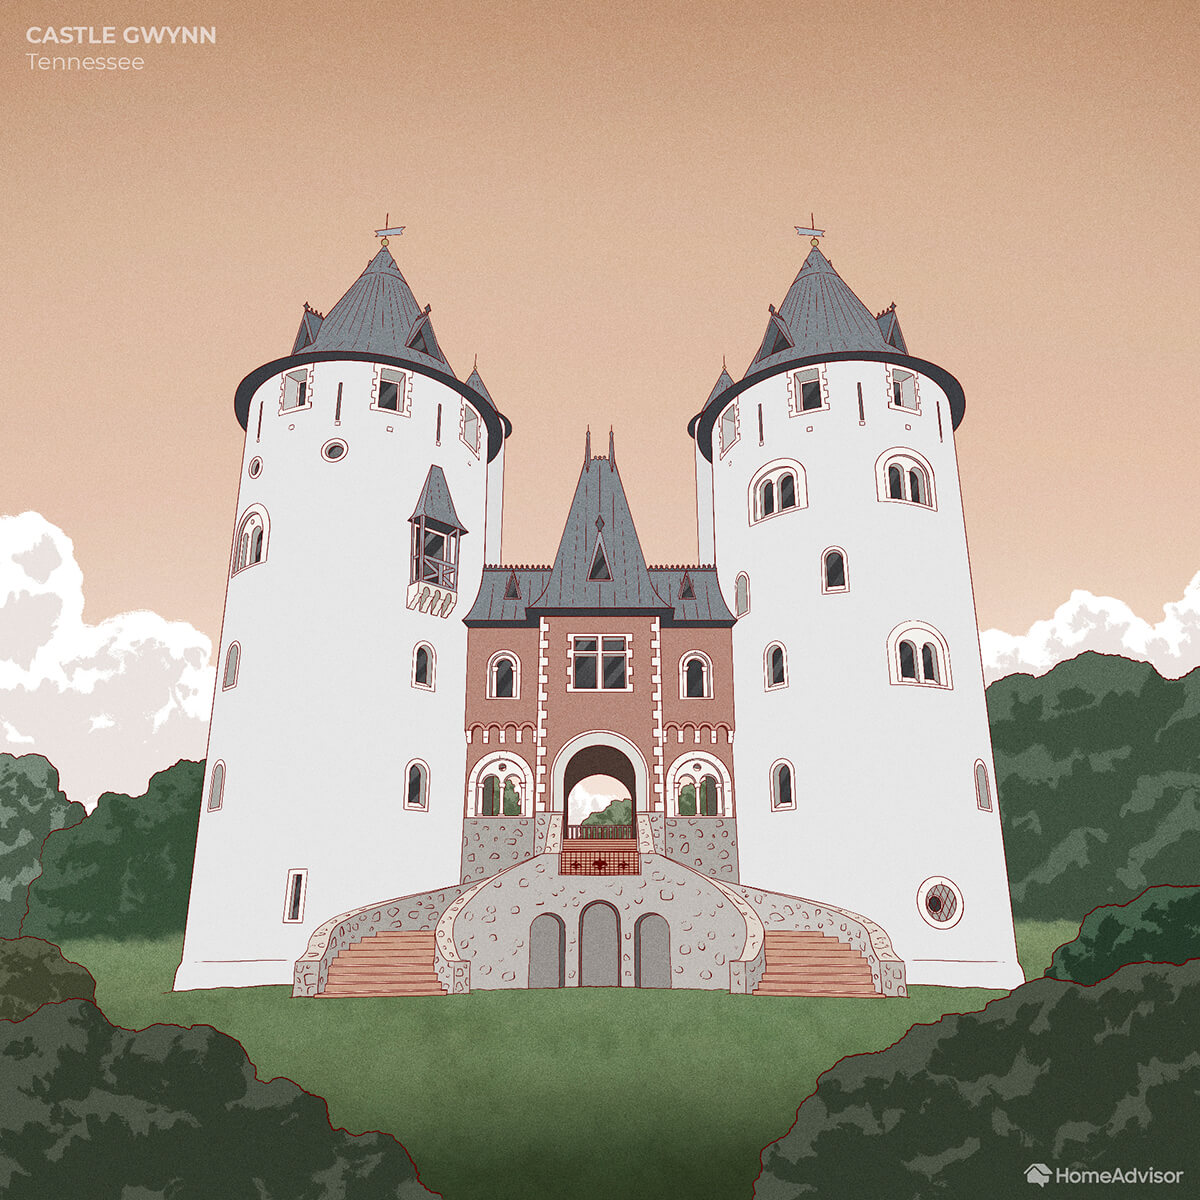 Castle Gwynn